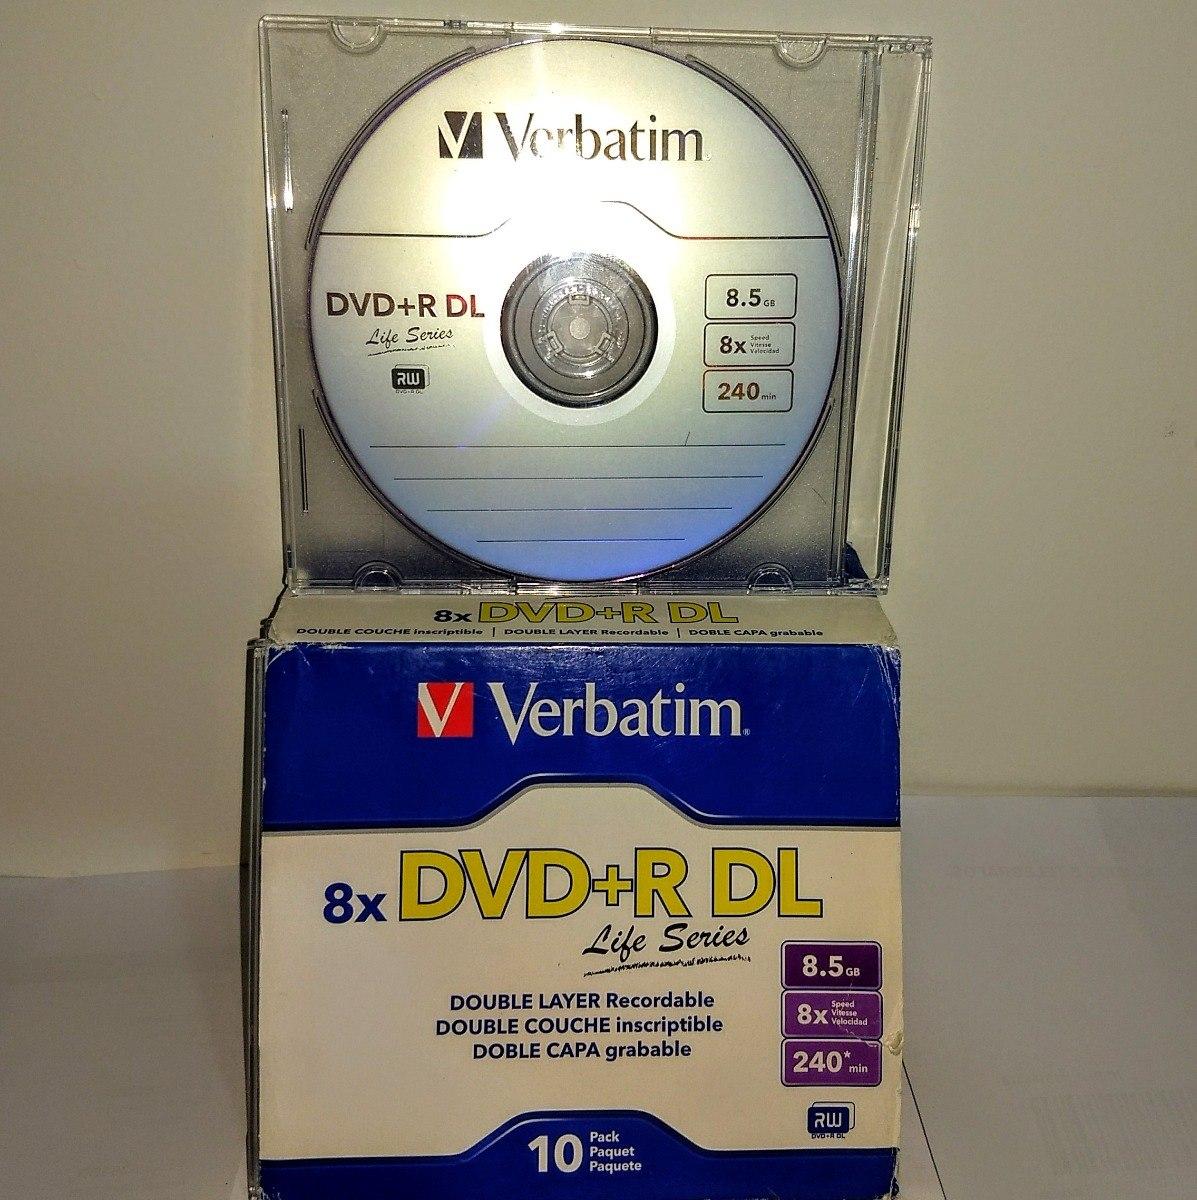 50 Dual Layer Verbatim 8x Logo 8.5gb Na Cx De Acrilico - R$ 261,44 Dvd Verbatim Double Couche on